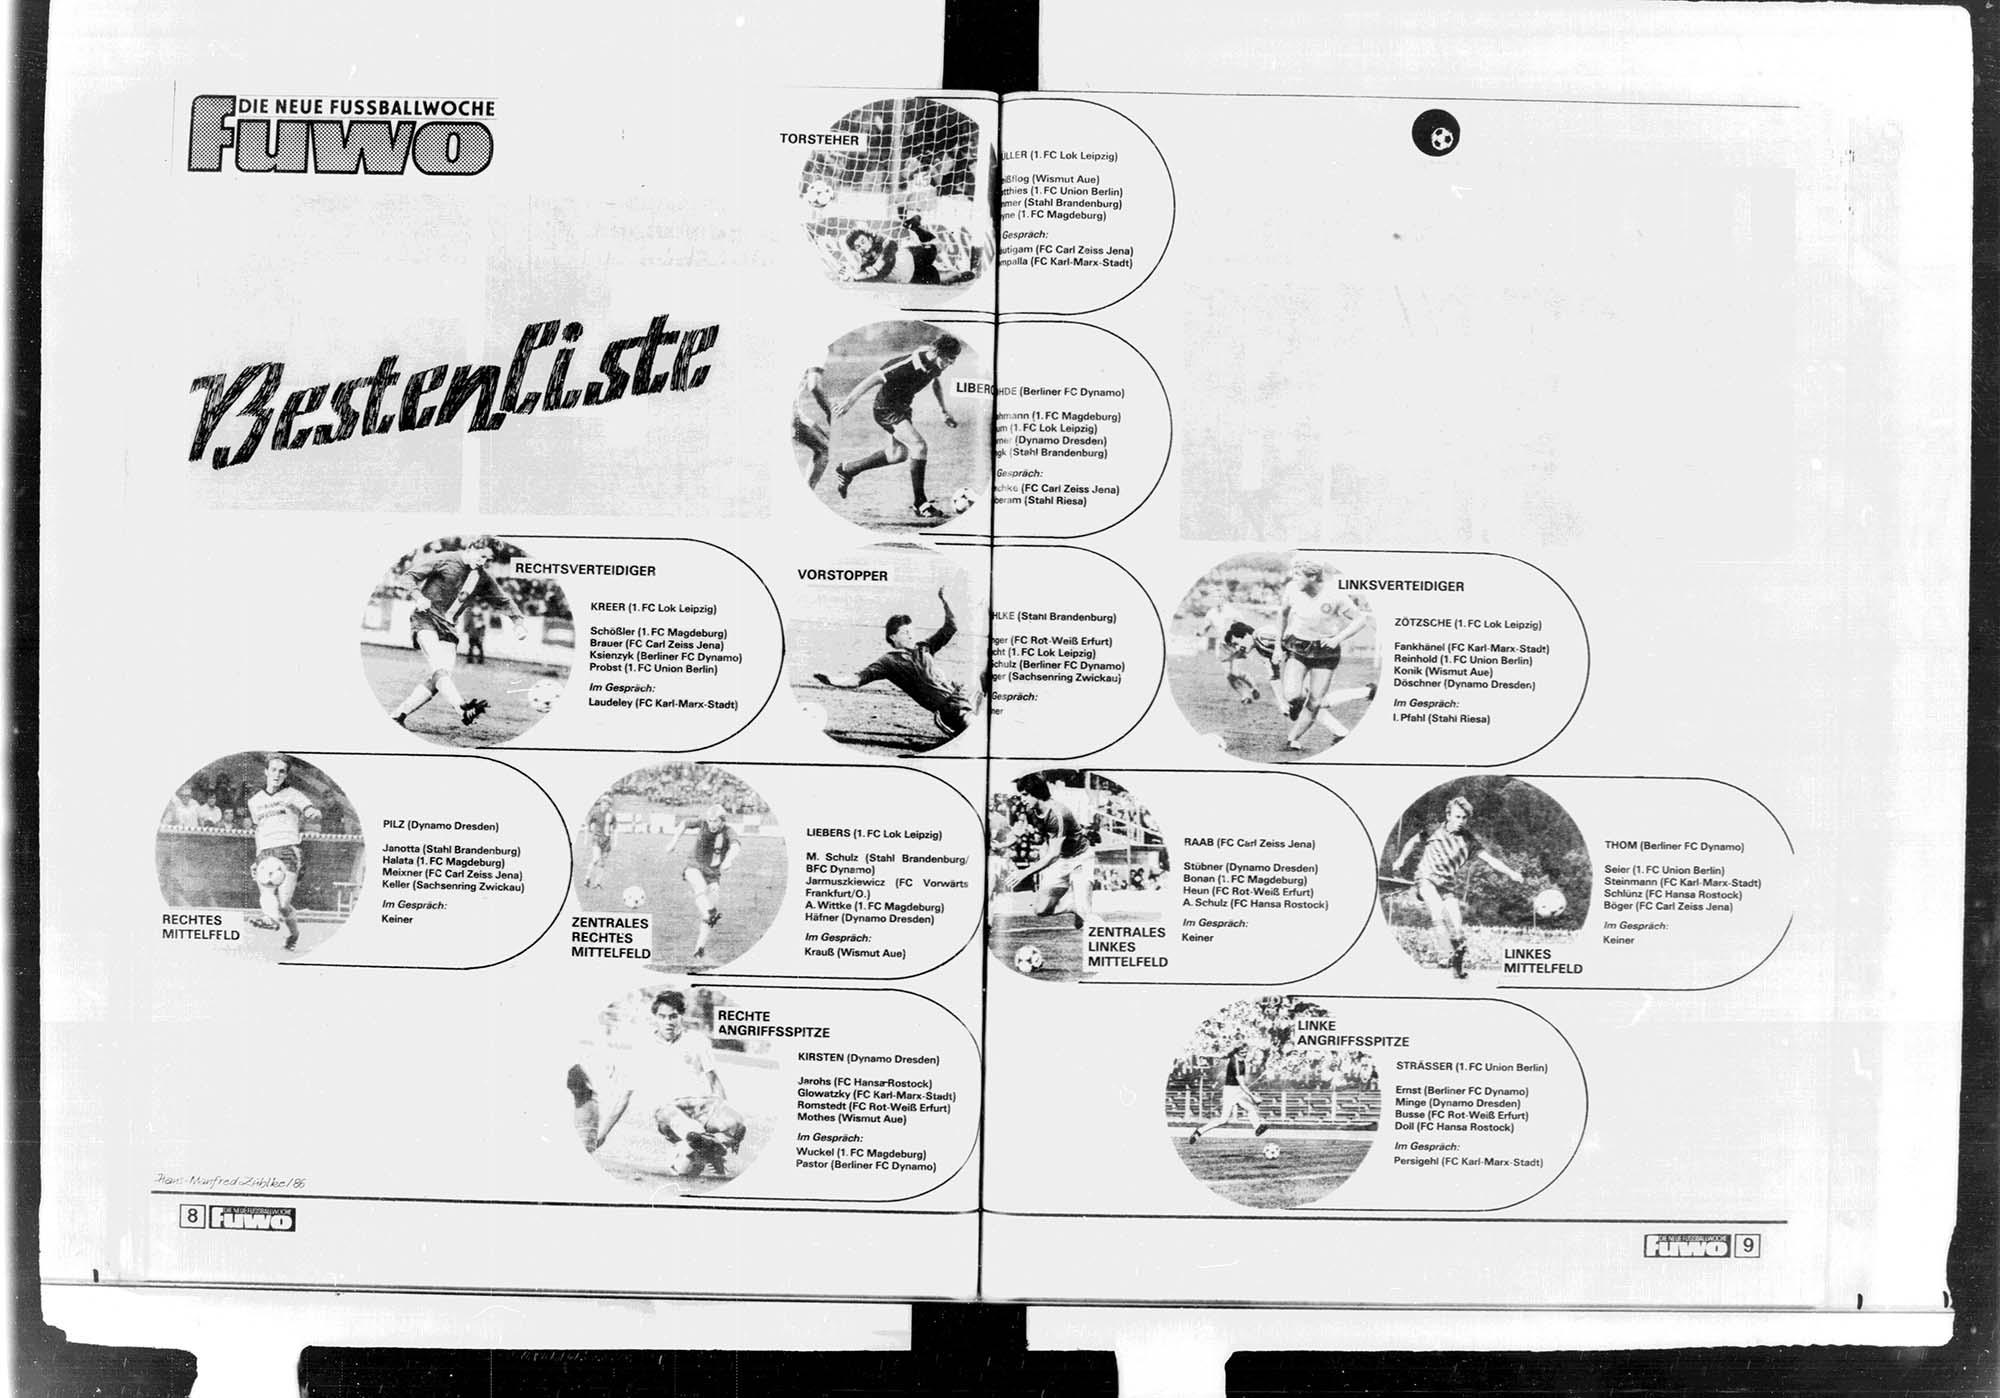 Bestenliste der Neuen Fußballwoche für die Saison 1985/86